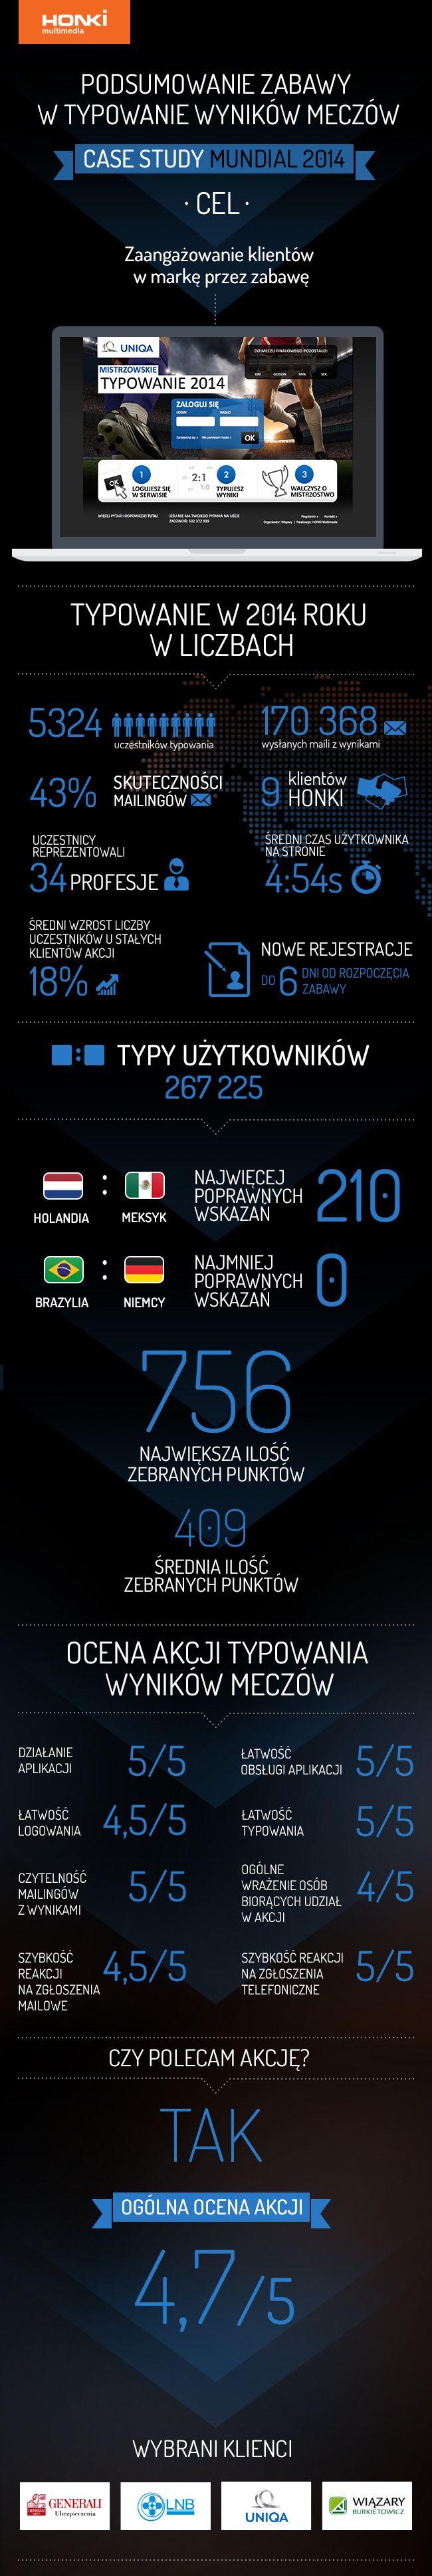 Zabawa w typowanie wyników meczów. Case study Mundial 2014. #games, #MobileApp, #GameApp #WorldCup2014 #mundial2014